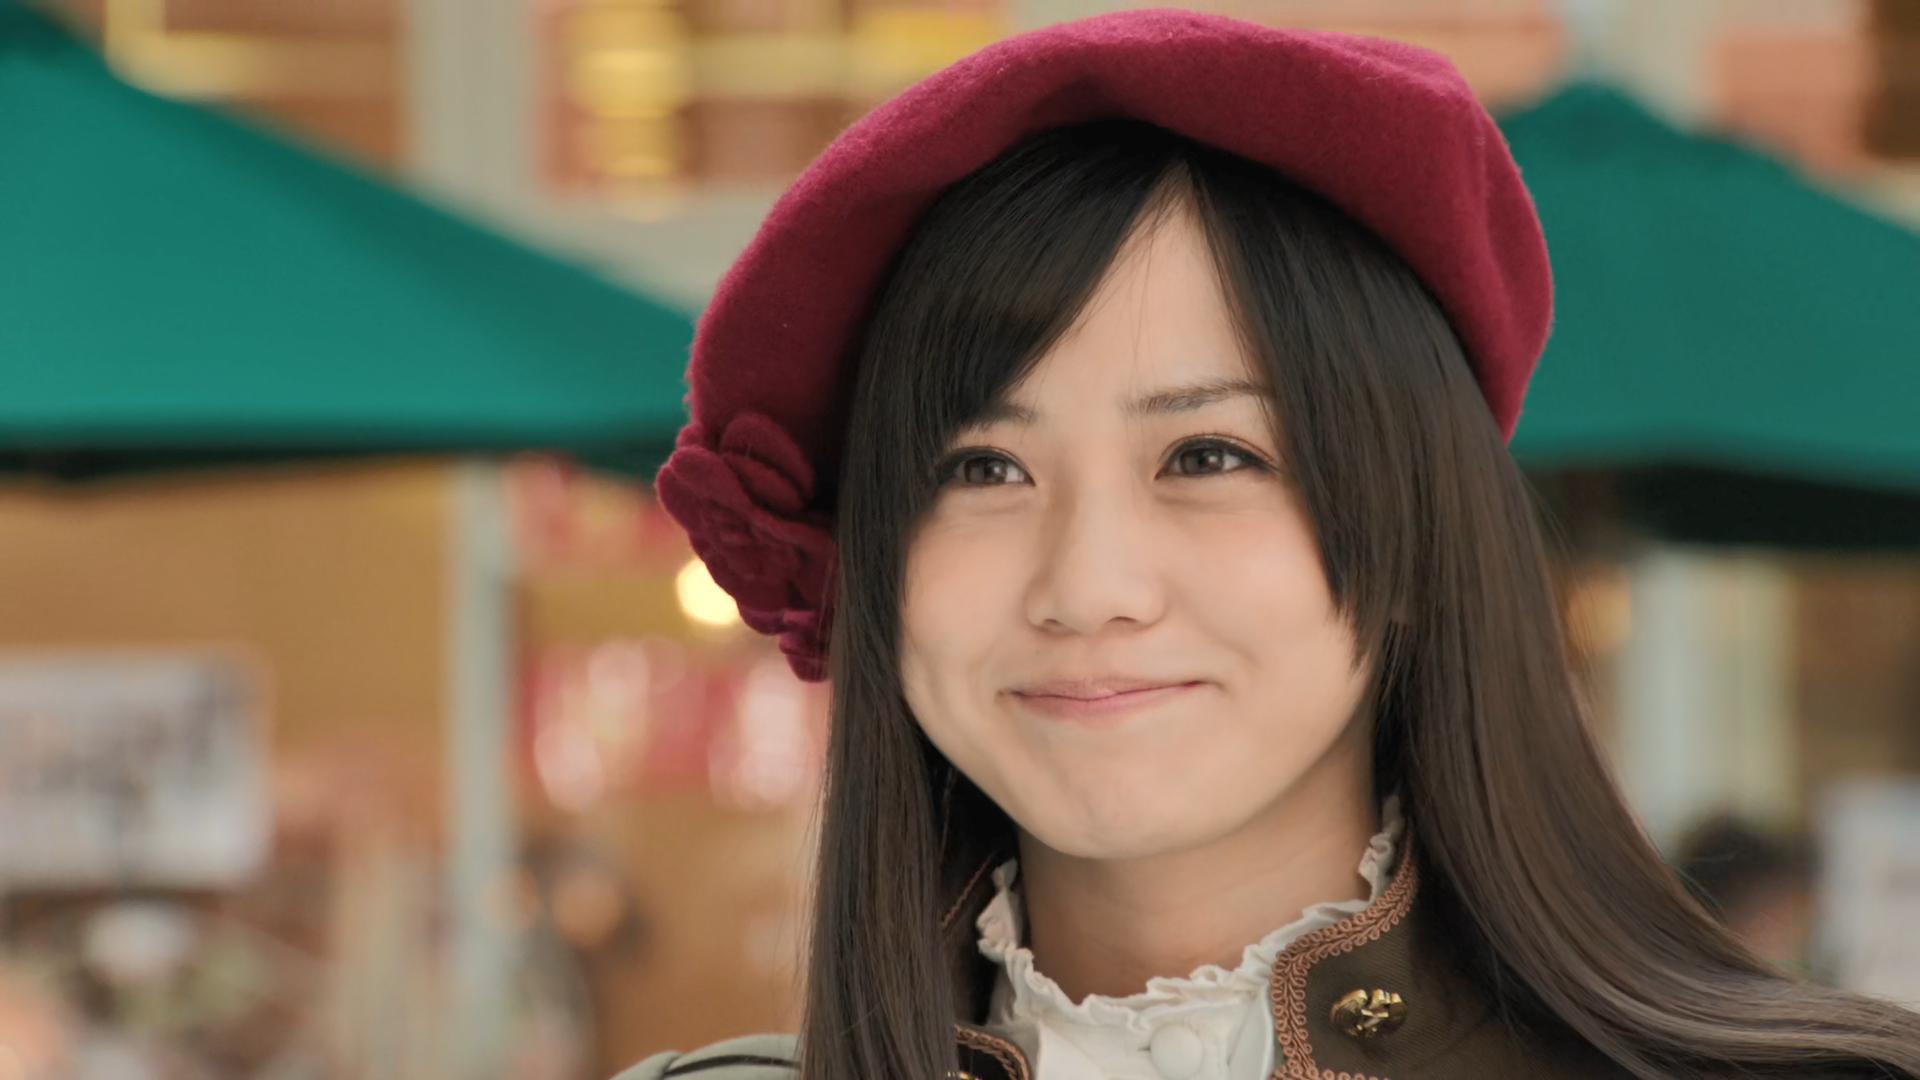 Koyomi Fueki | Kamen Rider Wiki | FANDOM powered by Wikia